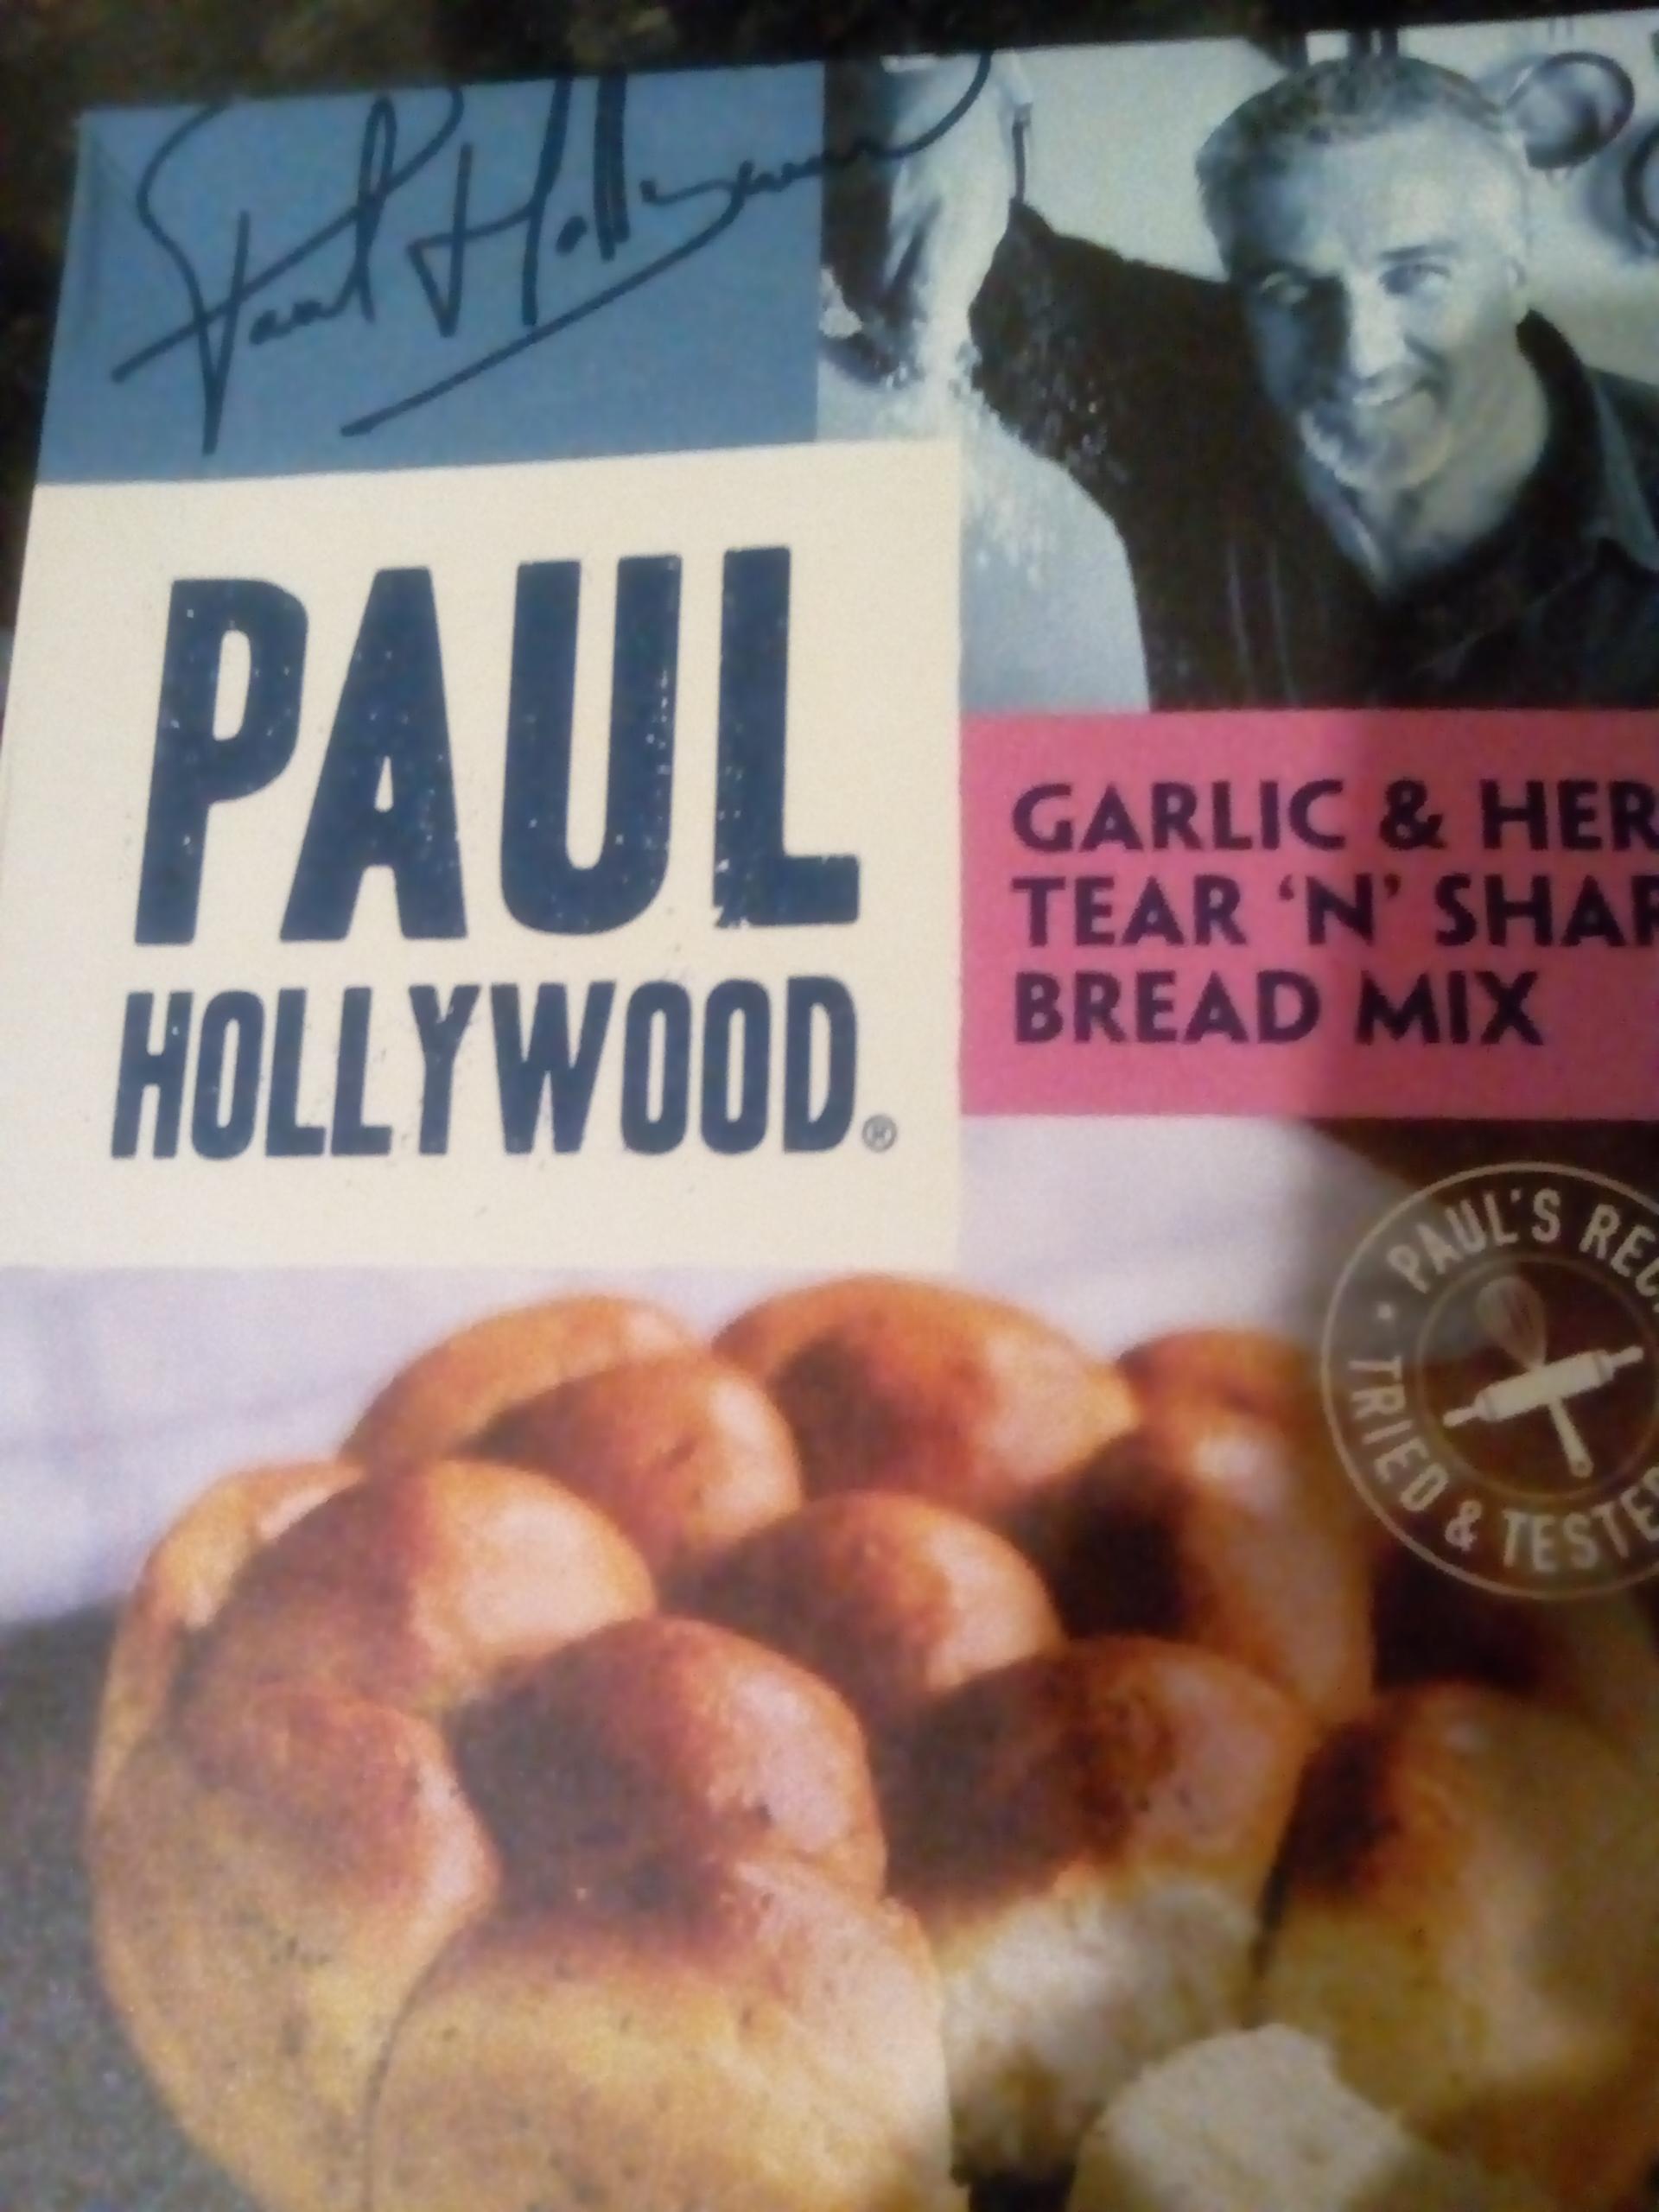 Paul Hollywood garlic and herb bread mix 50p at herons